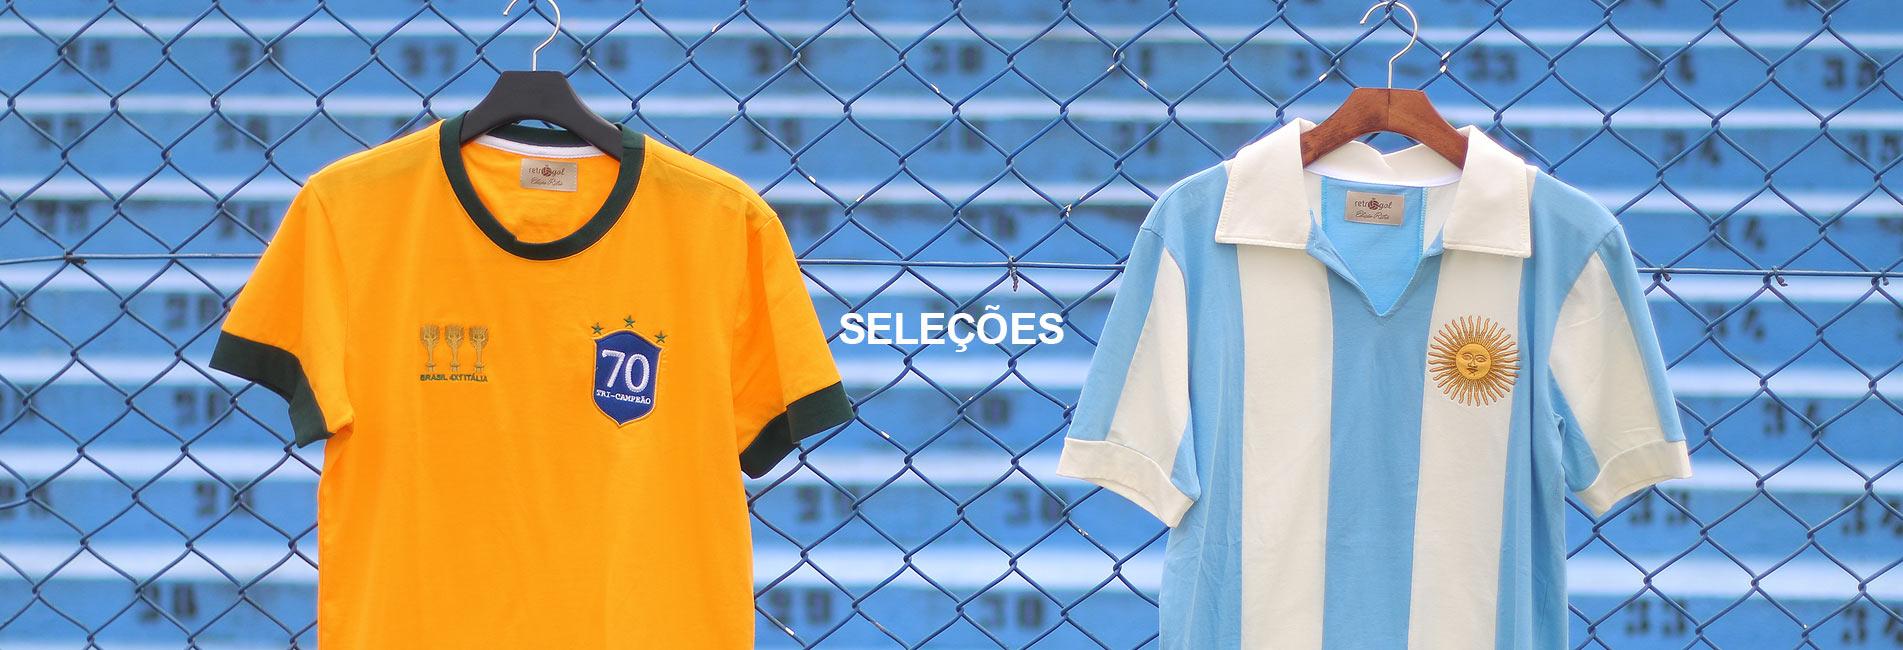 50638e50a9 100% Futebol Retrô